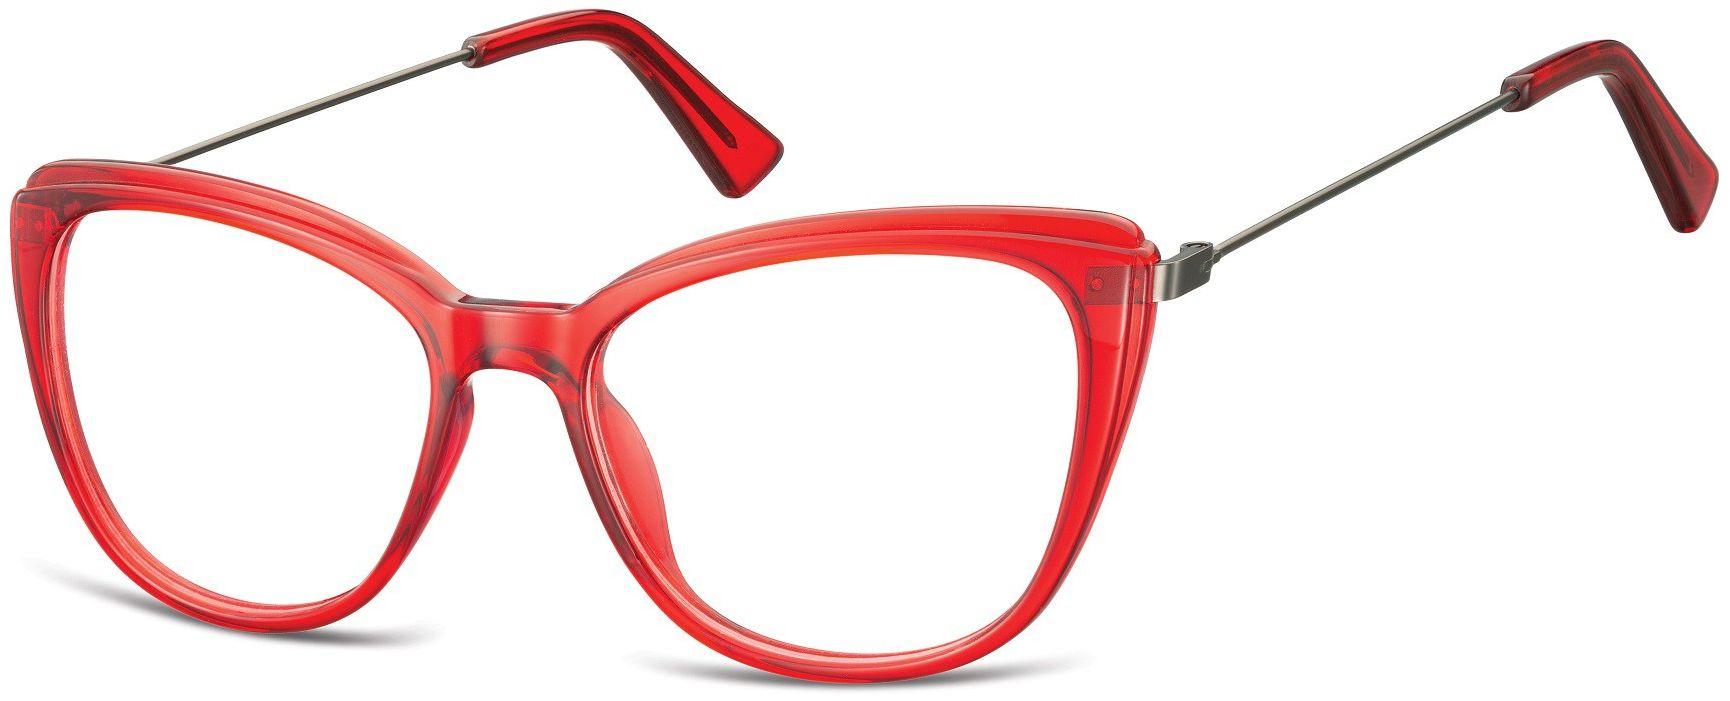 Oprawki korekcyjne okulary Kocie Oczy zerówki damskie CP121F czerwone